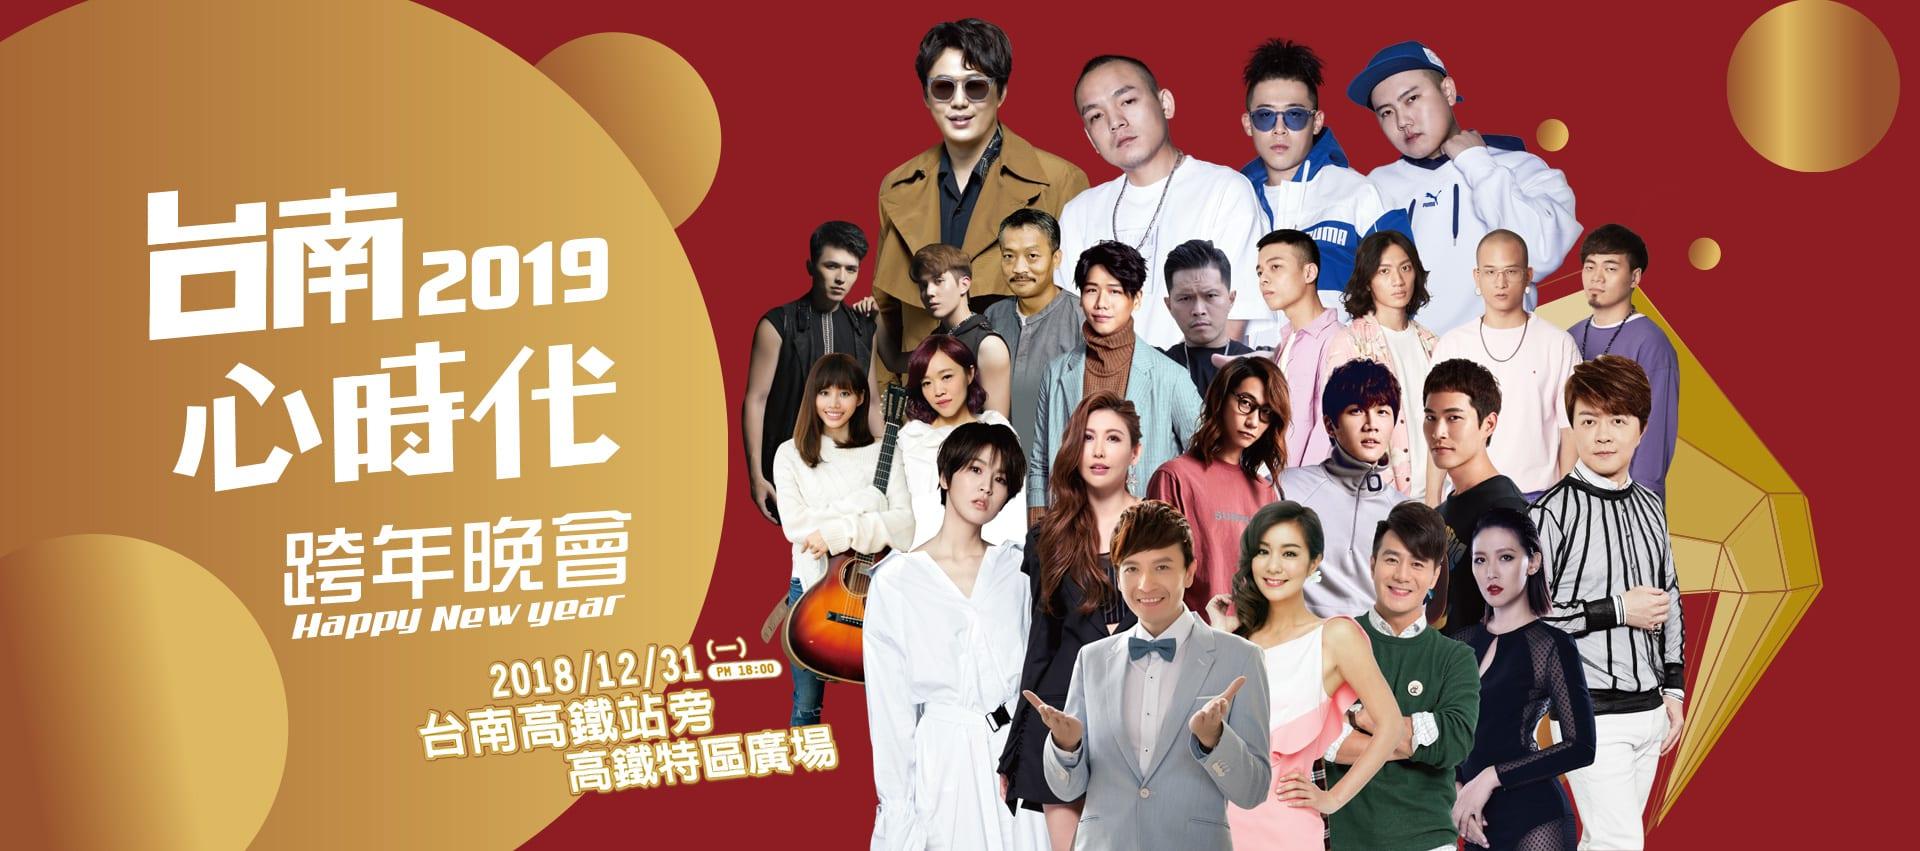 2019台南心時代跨年晚會 來源:www.2019tainan.com